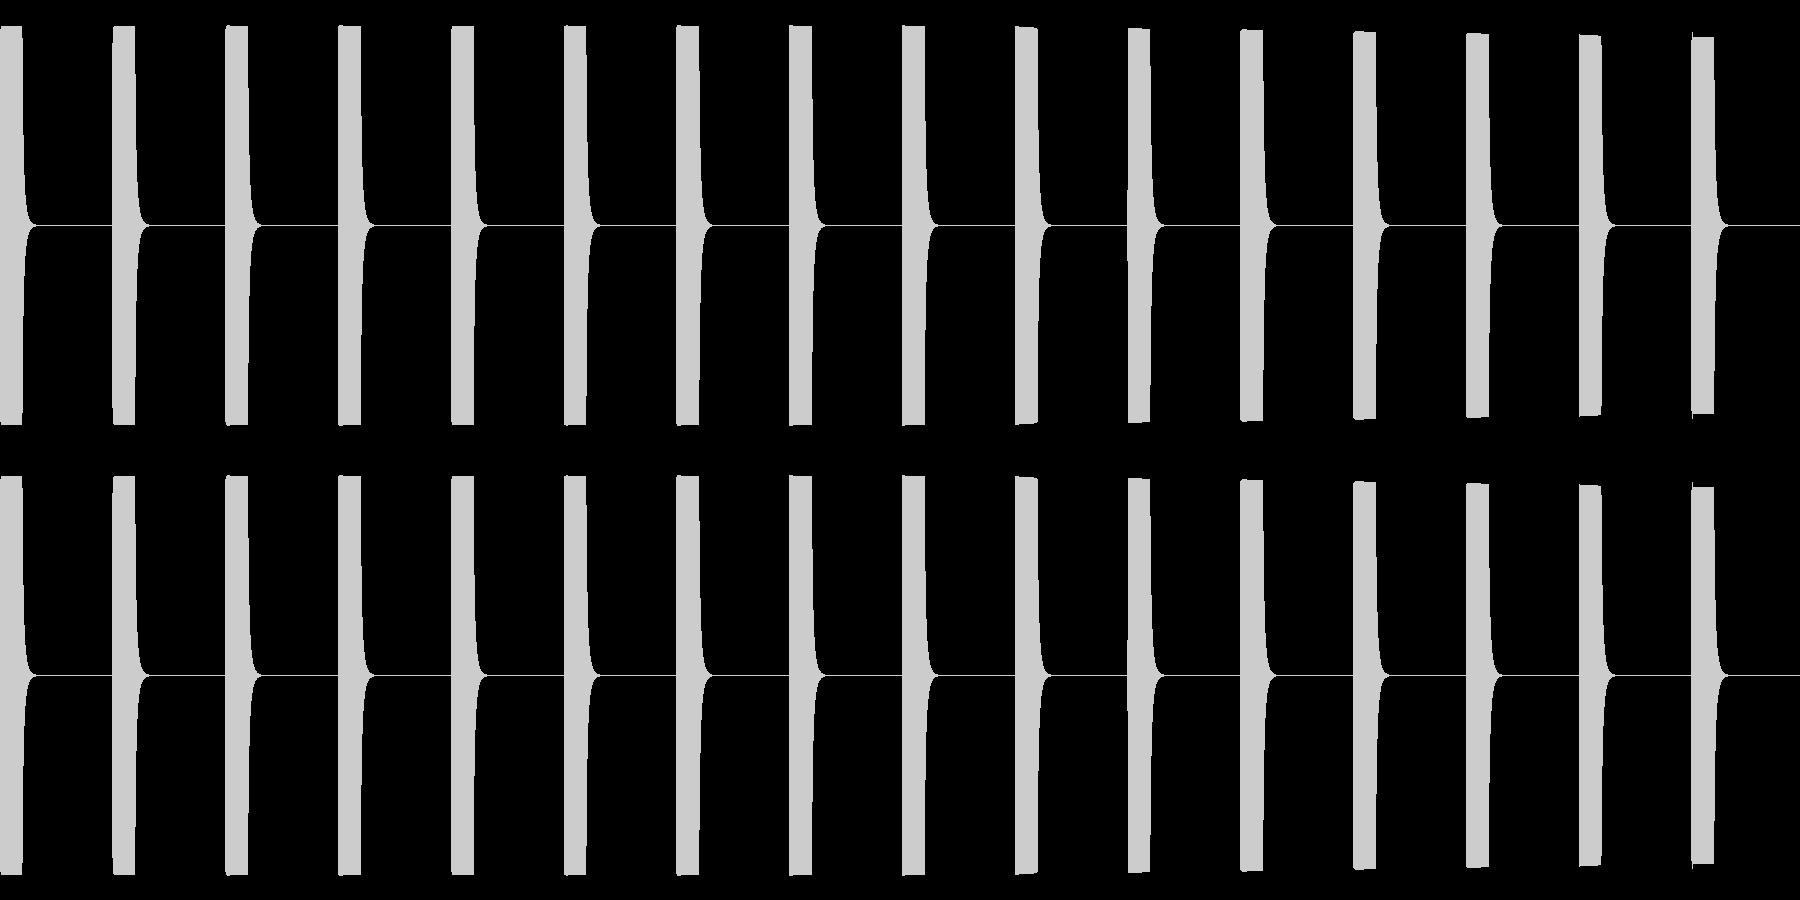 ピー、ピー、心電図の音の未再生の波形